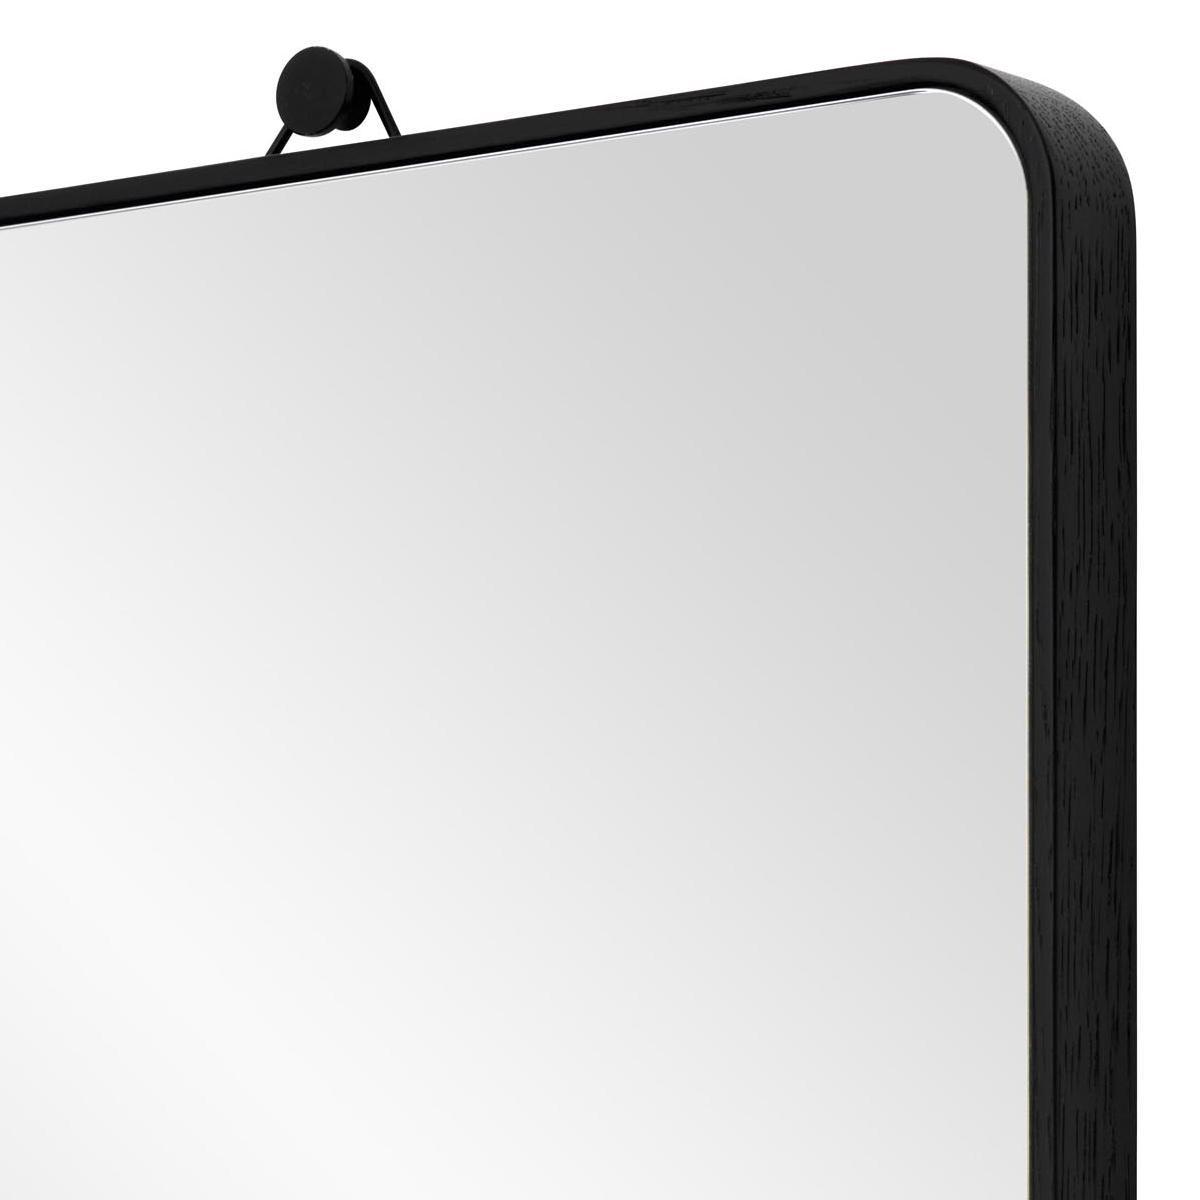 VIEW Spiegel schwarz mit gebogenen Ecken